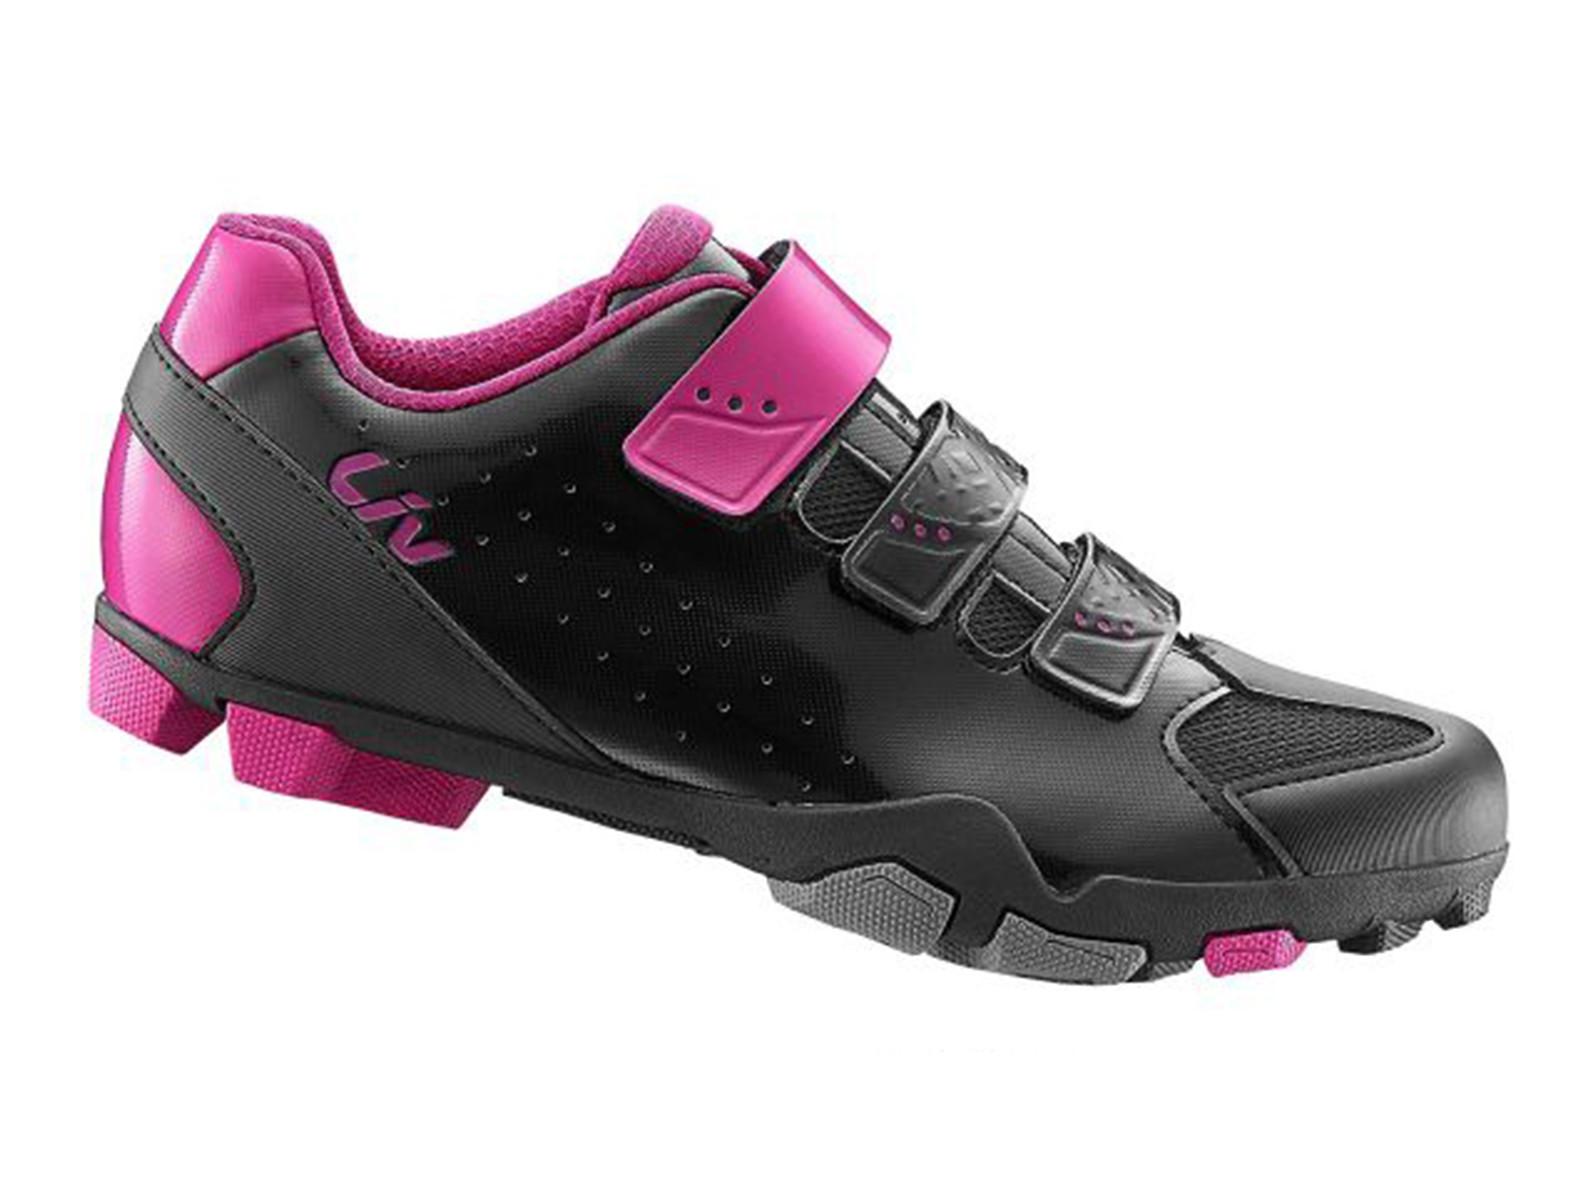 Liv Fera Nylon Shoe